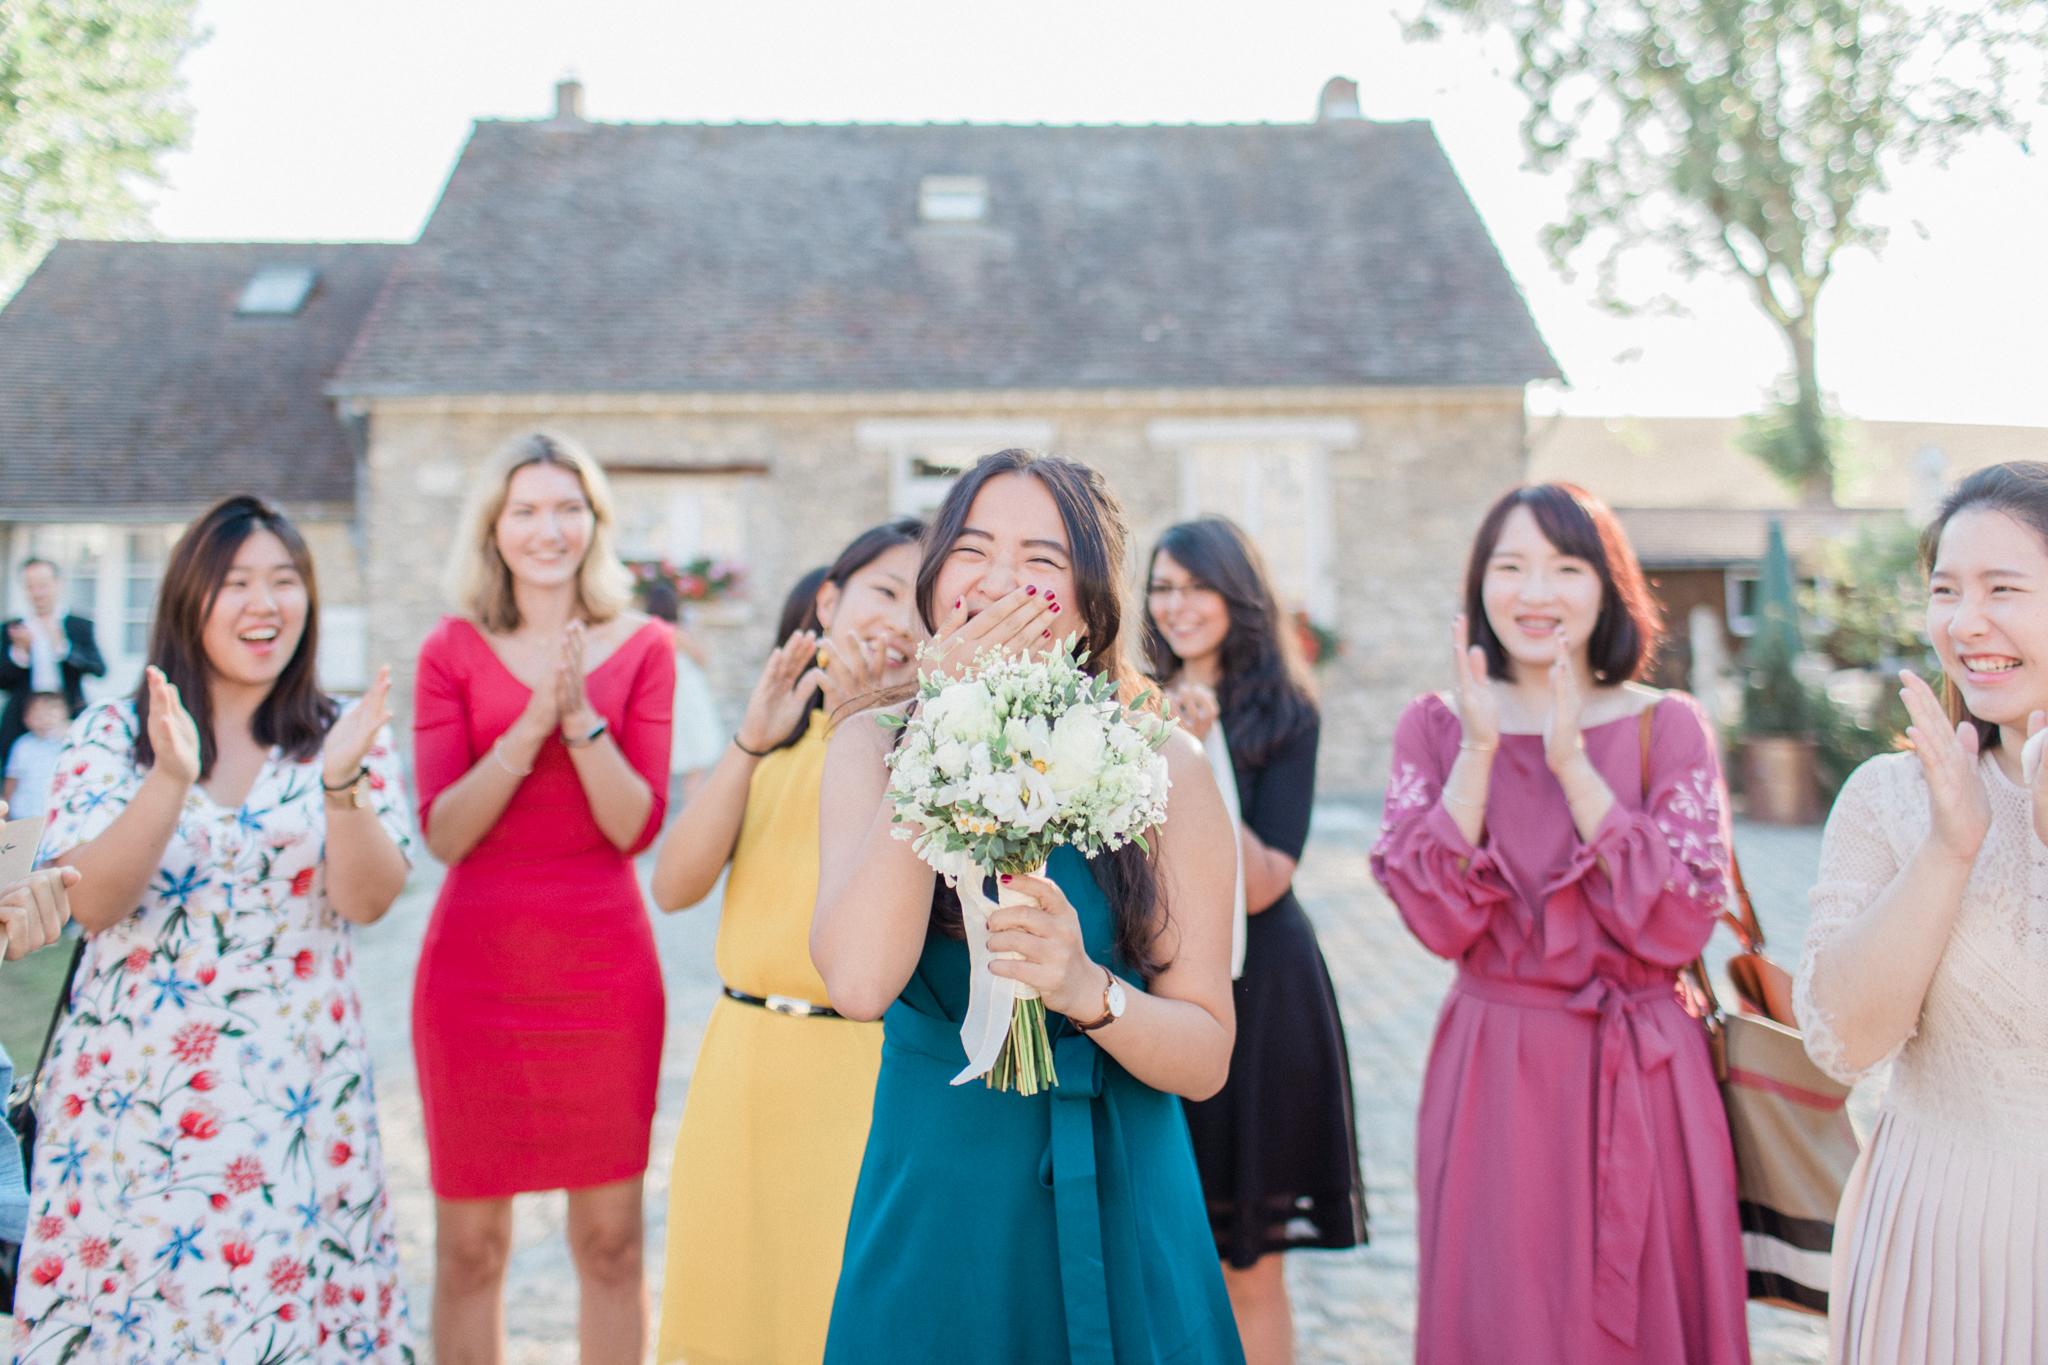 la demoiselle qui a attrapé le bouquet de la mariée